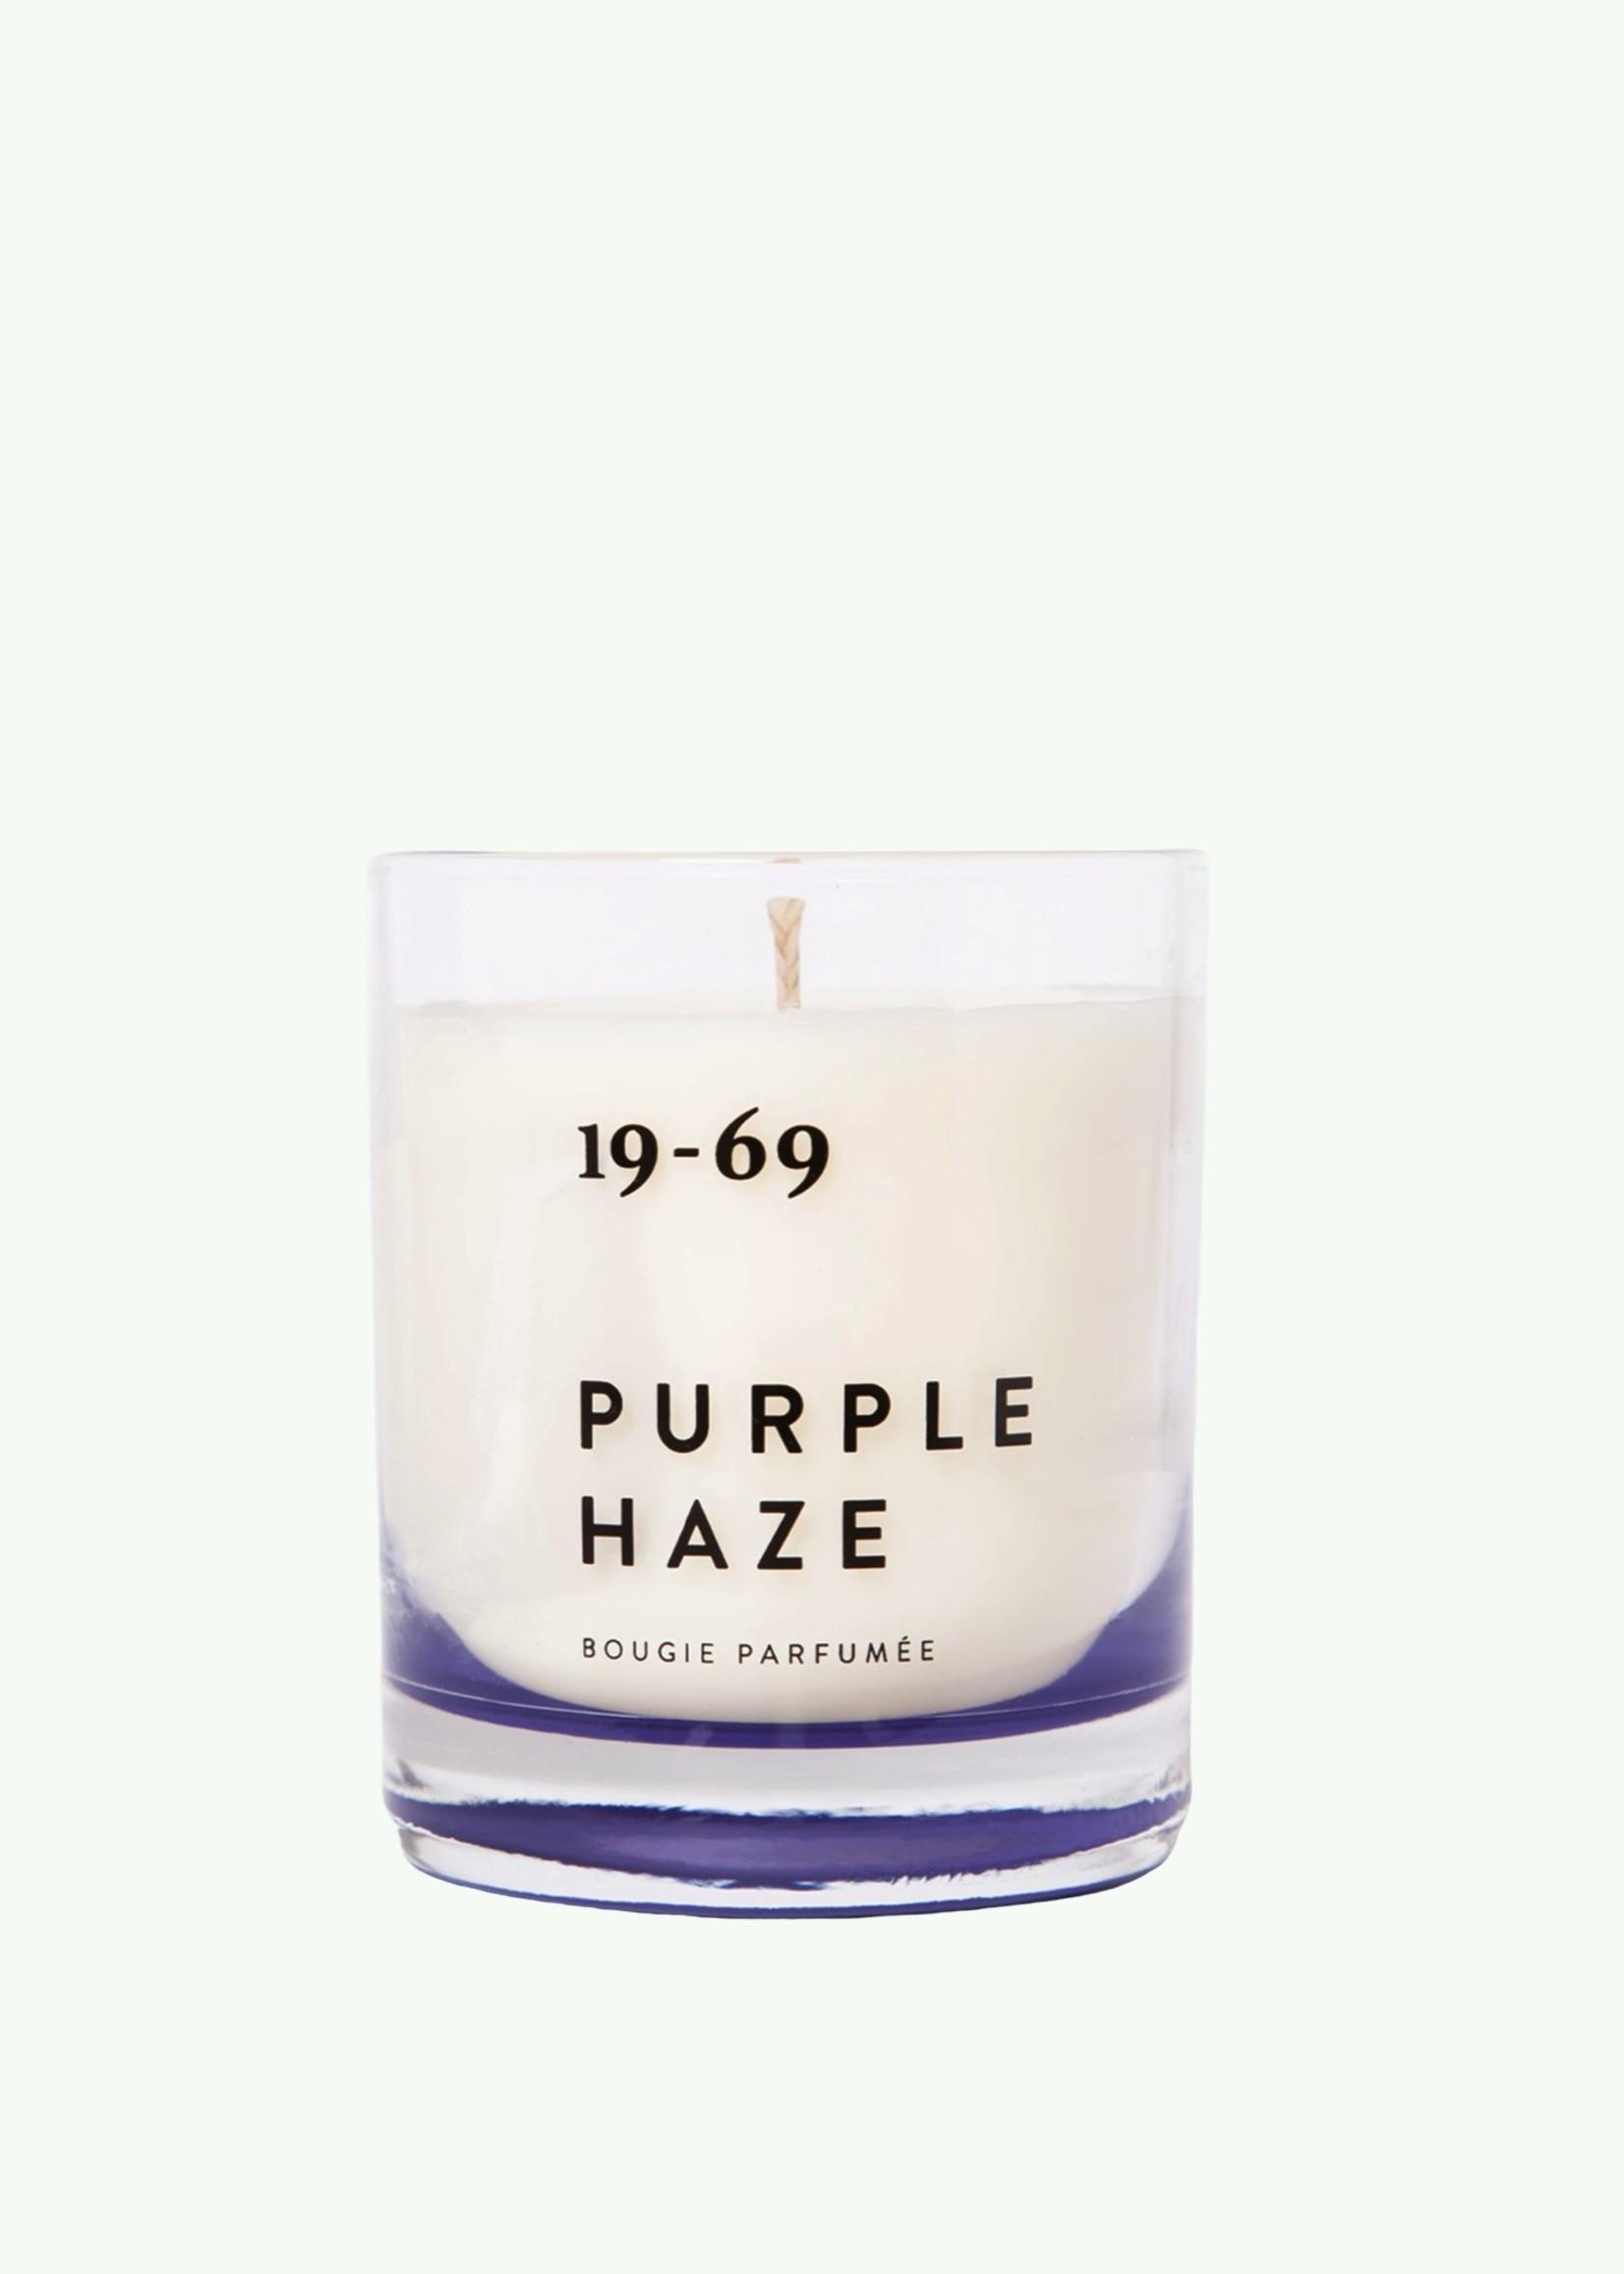 Nineteen Sixty Nine Nineteen sixty nine - Purple Haze - Geurkaars. 200 ml